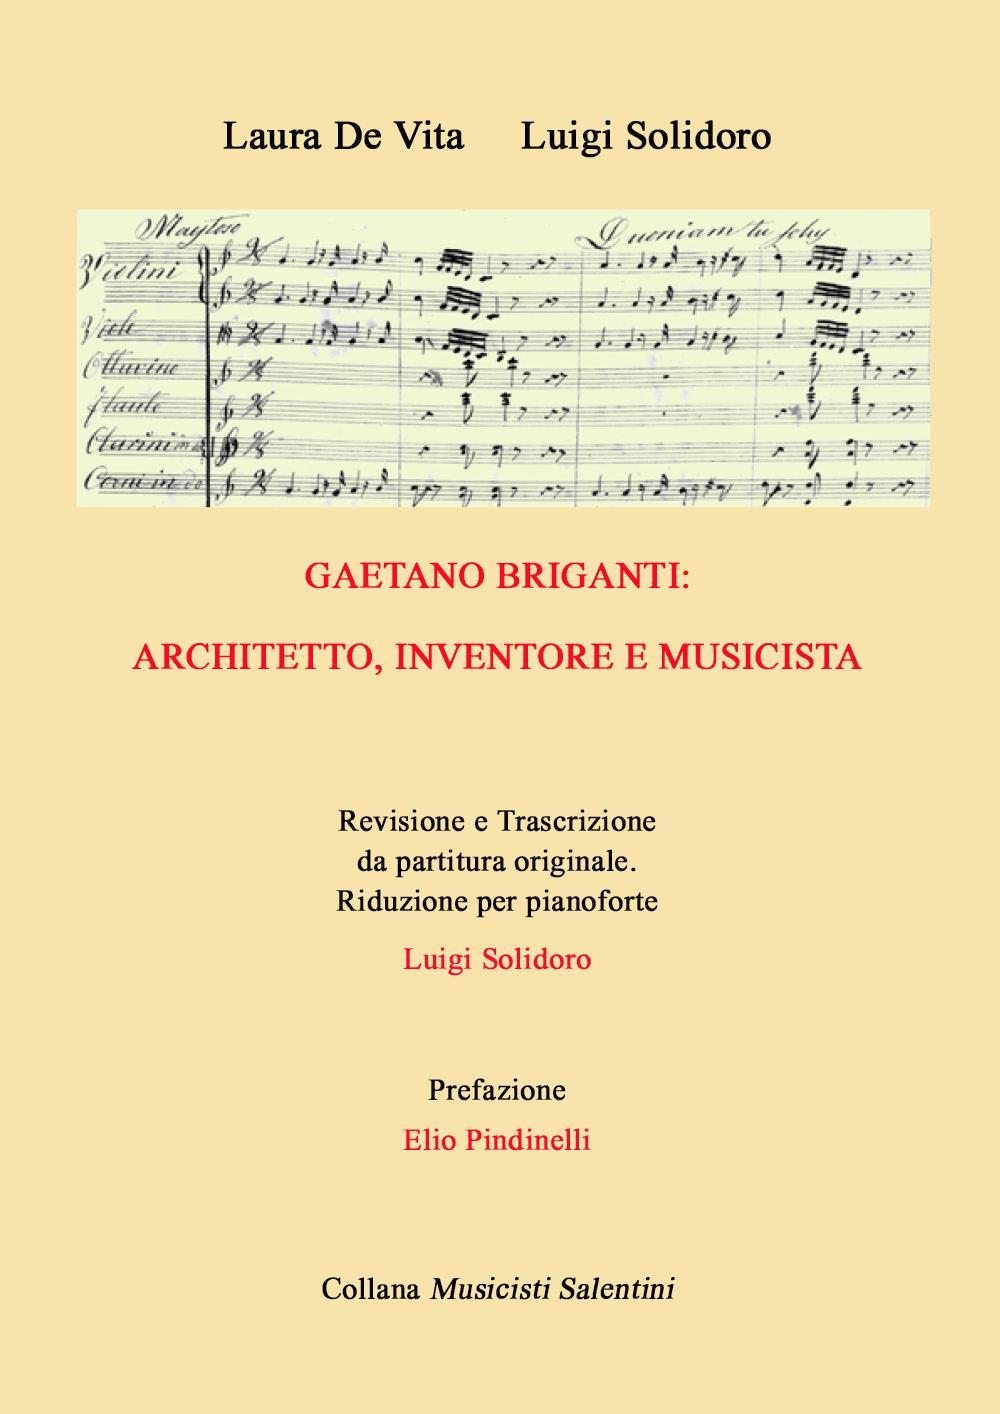 Gaetano Briganti: architetto, inventore, musicista